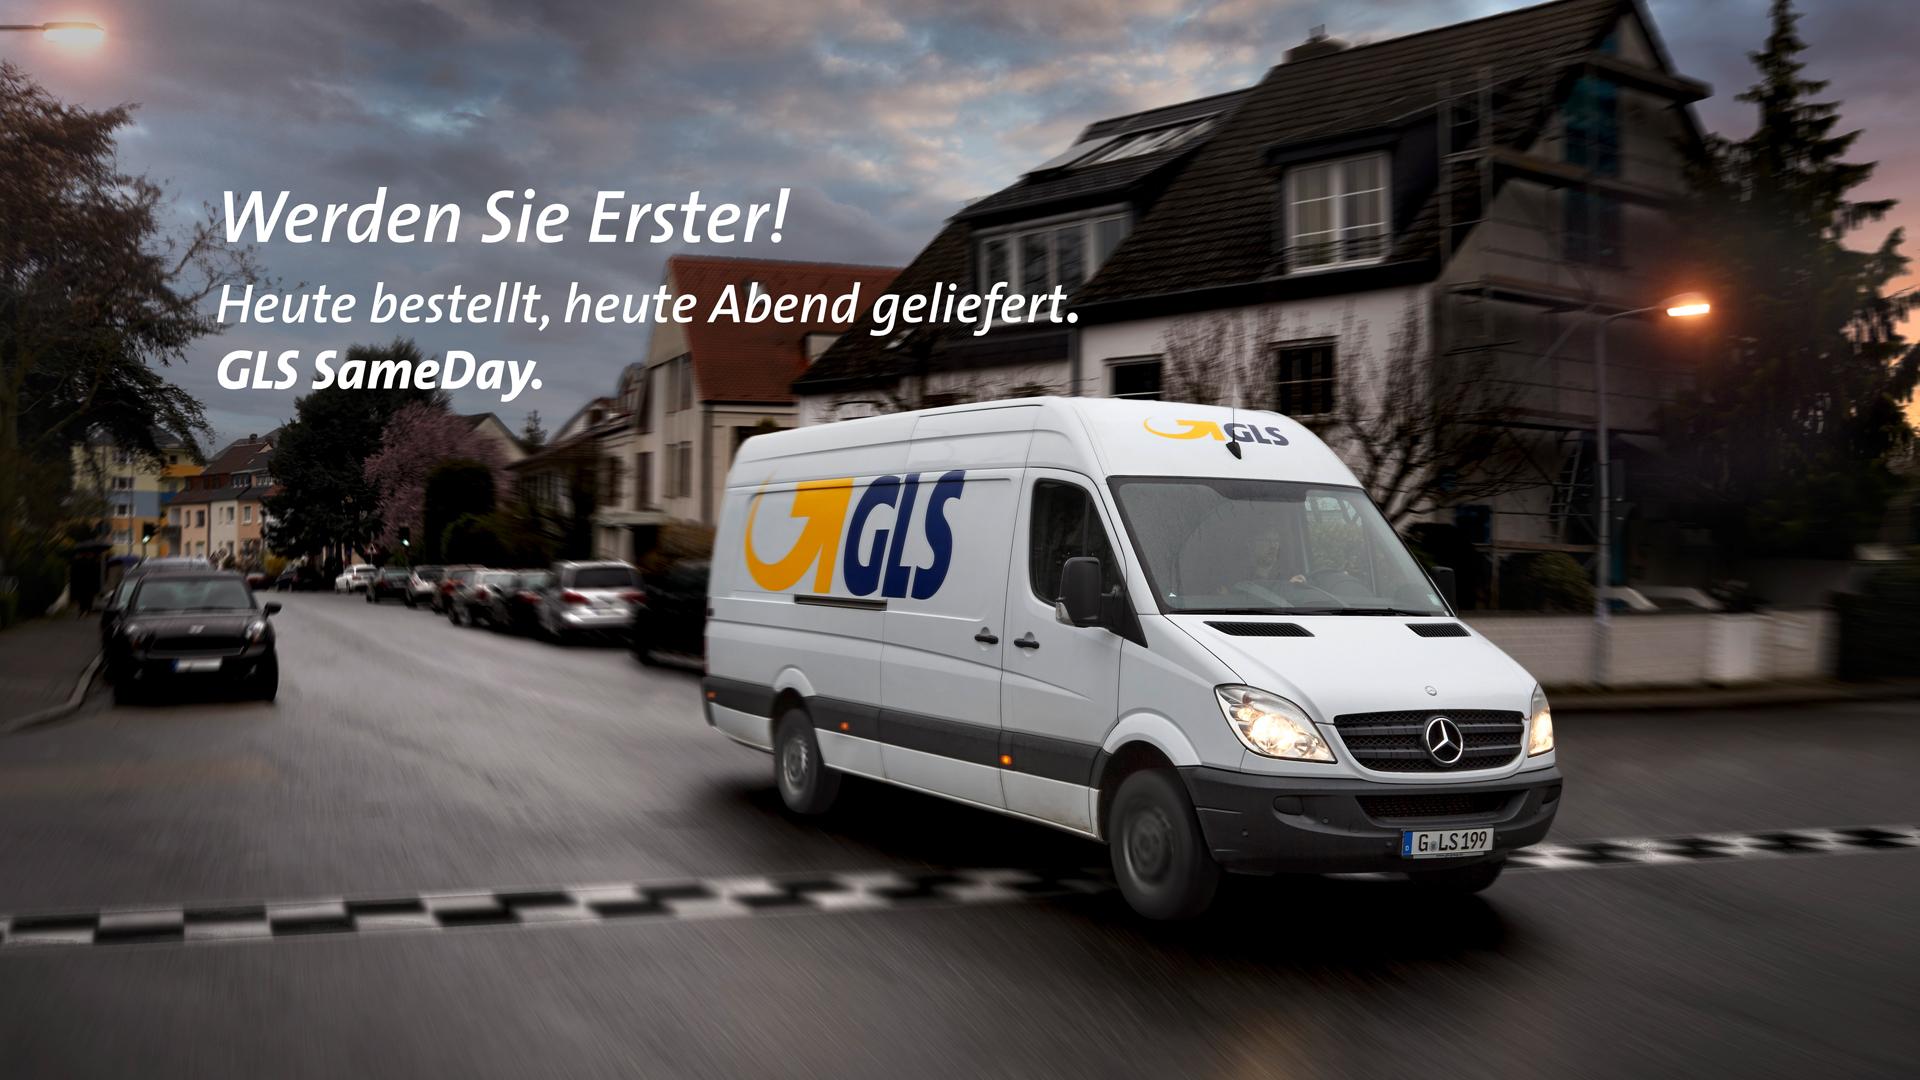 GLS Lieferfahrzeug, Werden sie erster! Heute bestellt, heute Abend geliefert. GLS SameDay.